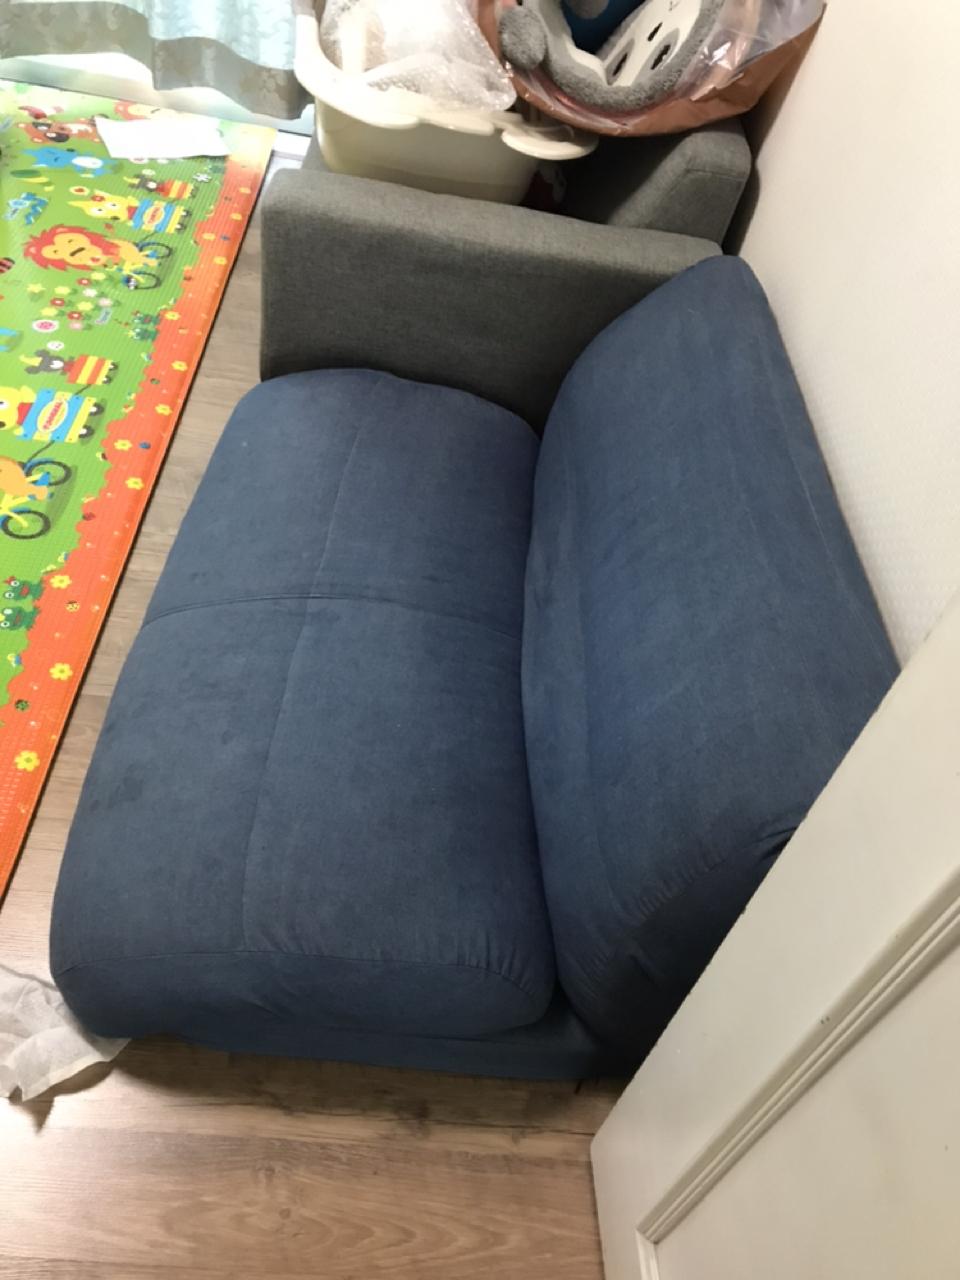 미니 쇼파 의자 유아용 쇼파